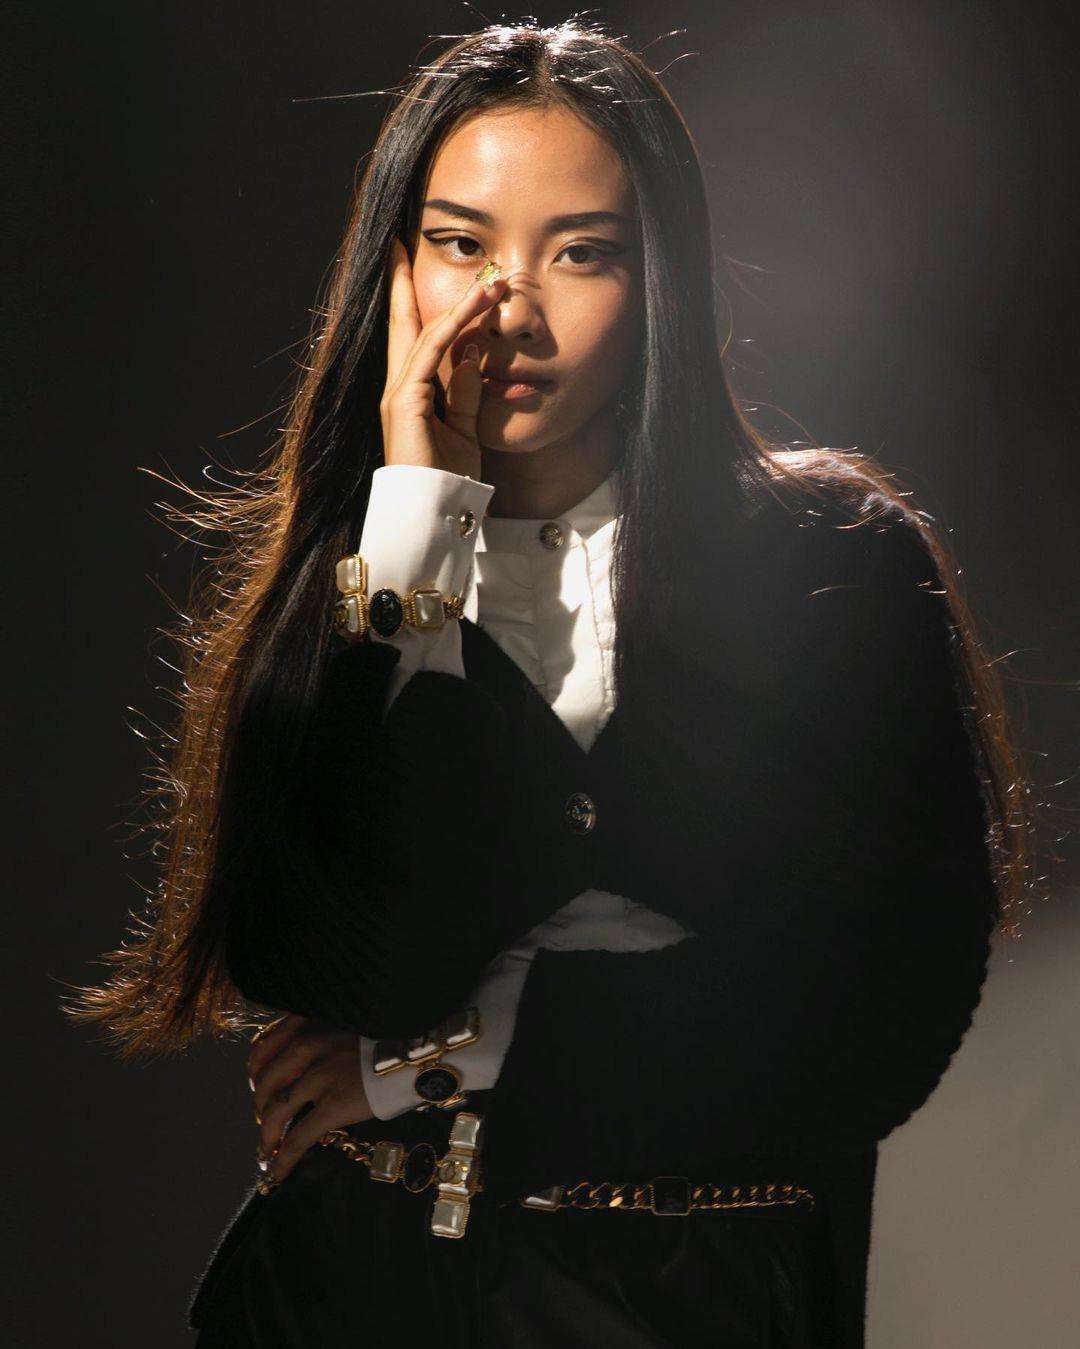 Rapper Suboi từng bị tình cũ cưỡng dâm, công khai Trấn Thành là người có suy nghĩ cũ - Ảnh 3.